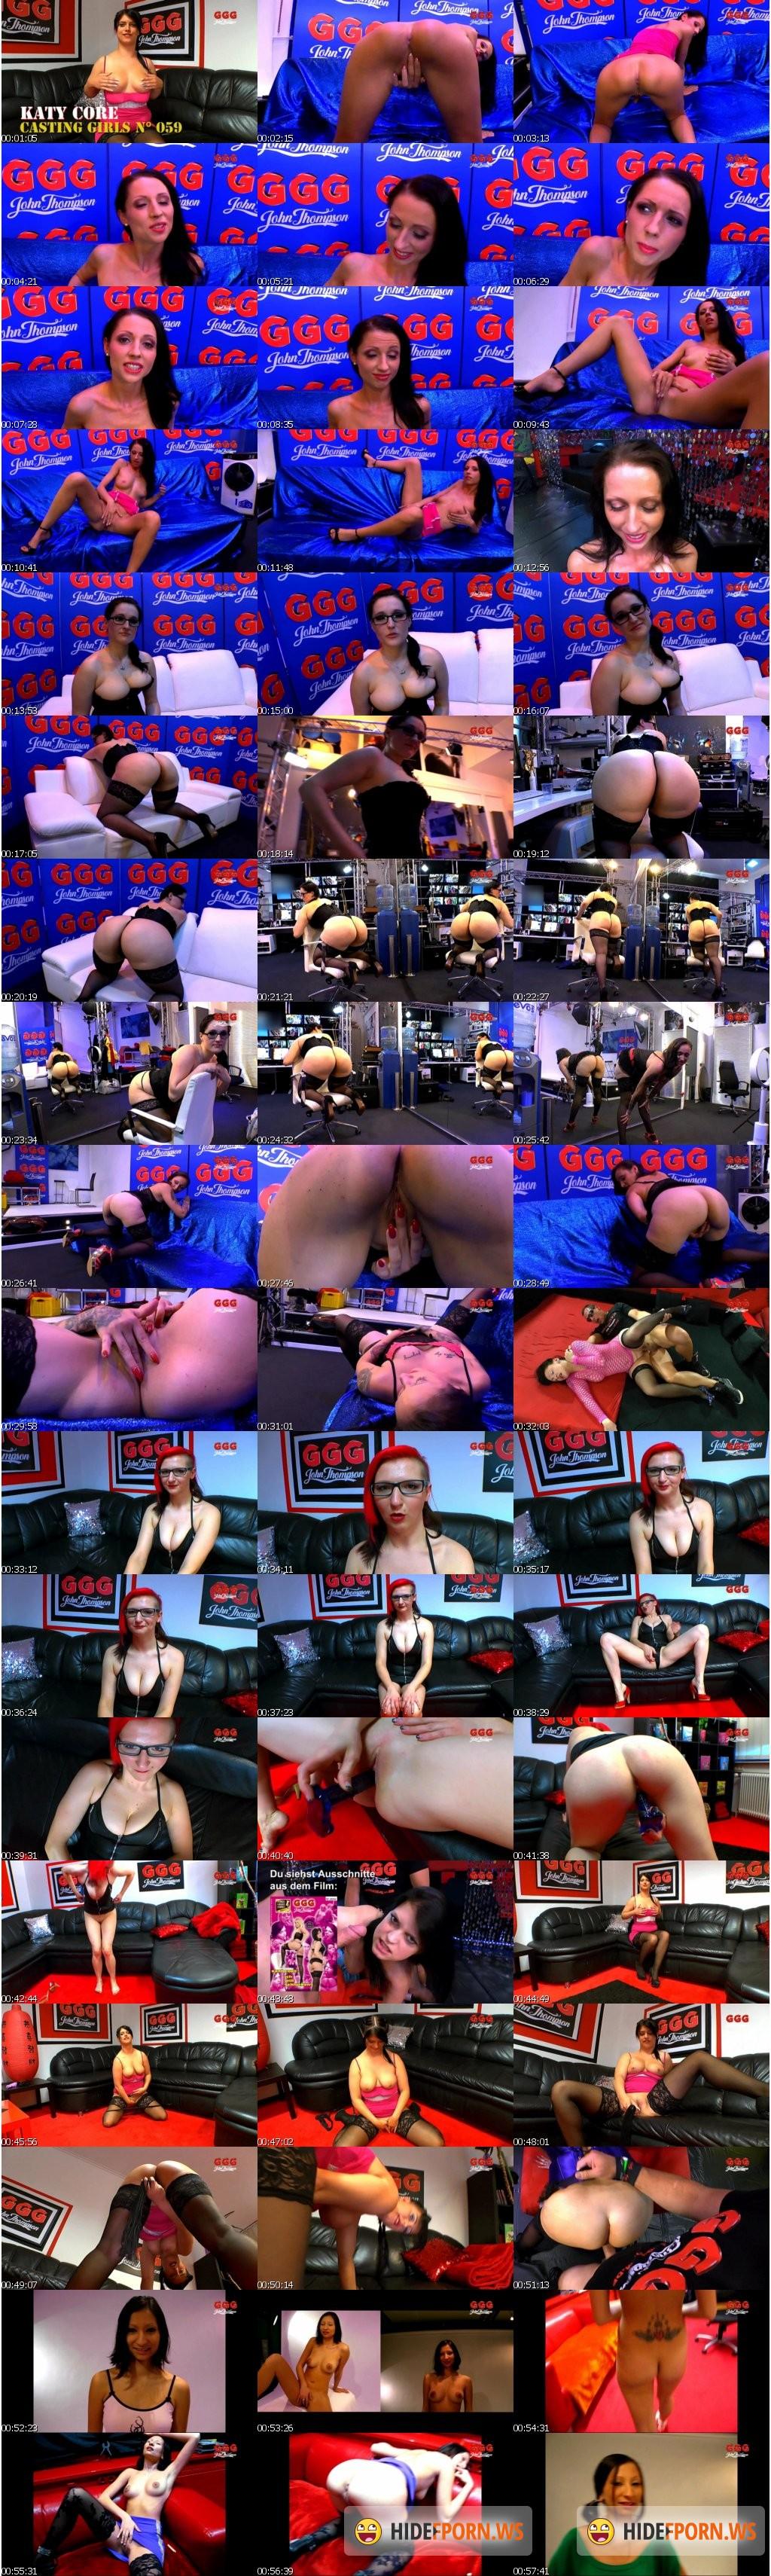 Смотреть порно ggg d hd бесплатно 4 фотография